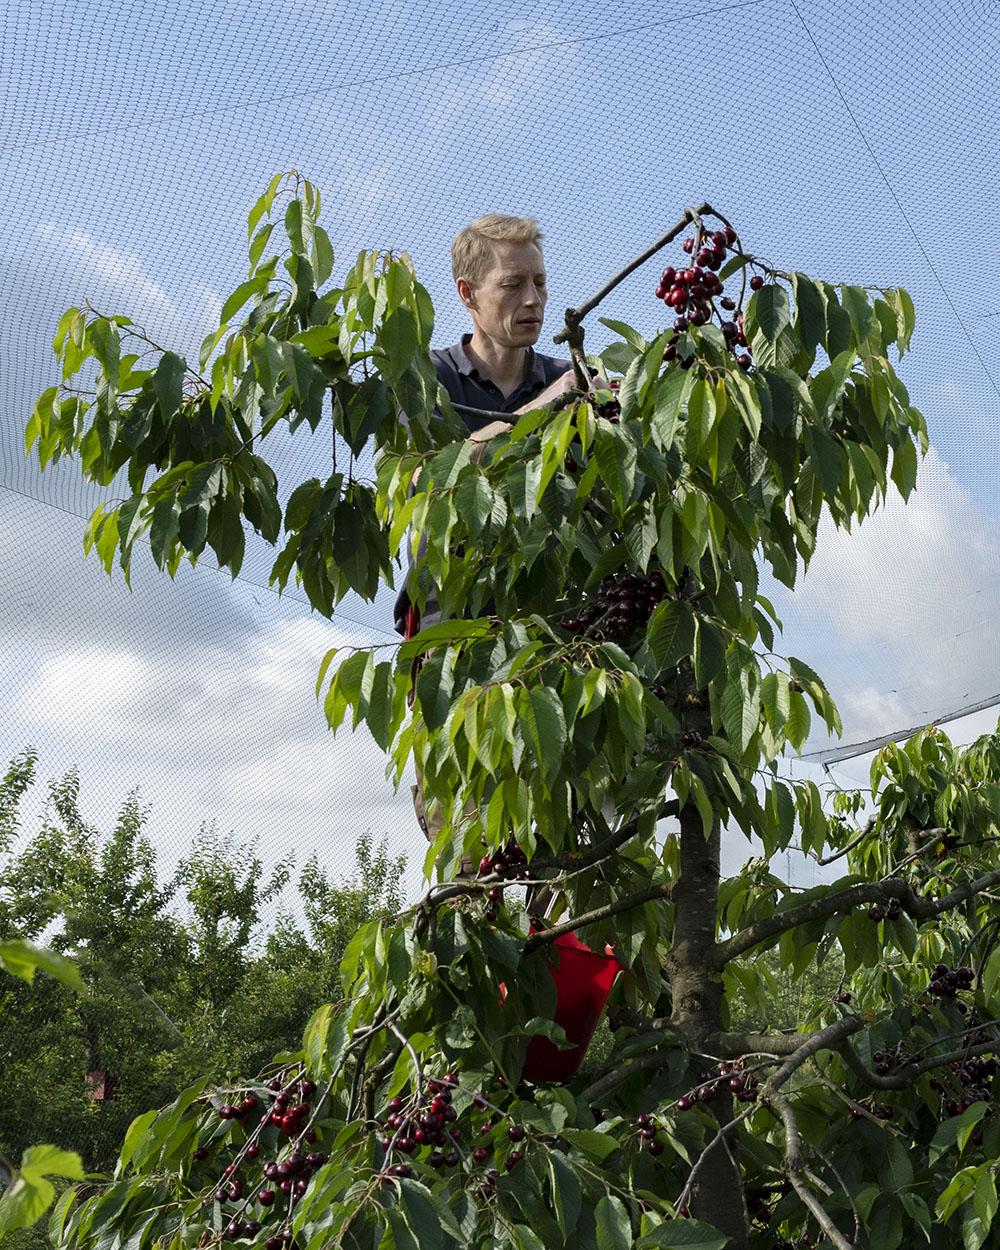 Cord Lefers ist Obstbauer im Alten Land. Nachdem er am Morgen die Netze über den Kirsch-Bäumen gespannt hat, ist er nun mit einer Leiter auf einen Baum geklettert und pflückt seine Bio-Kirschen.